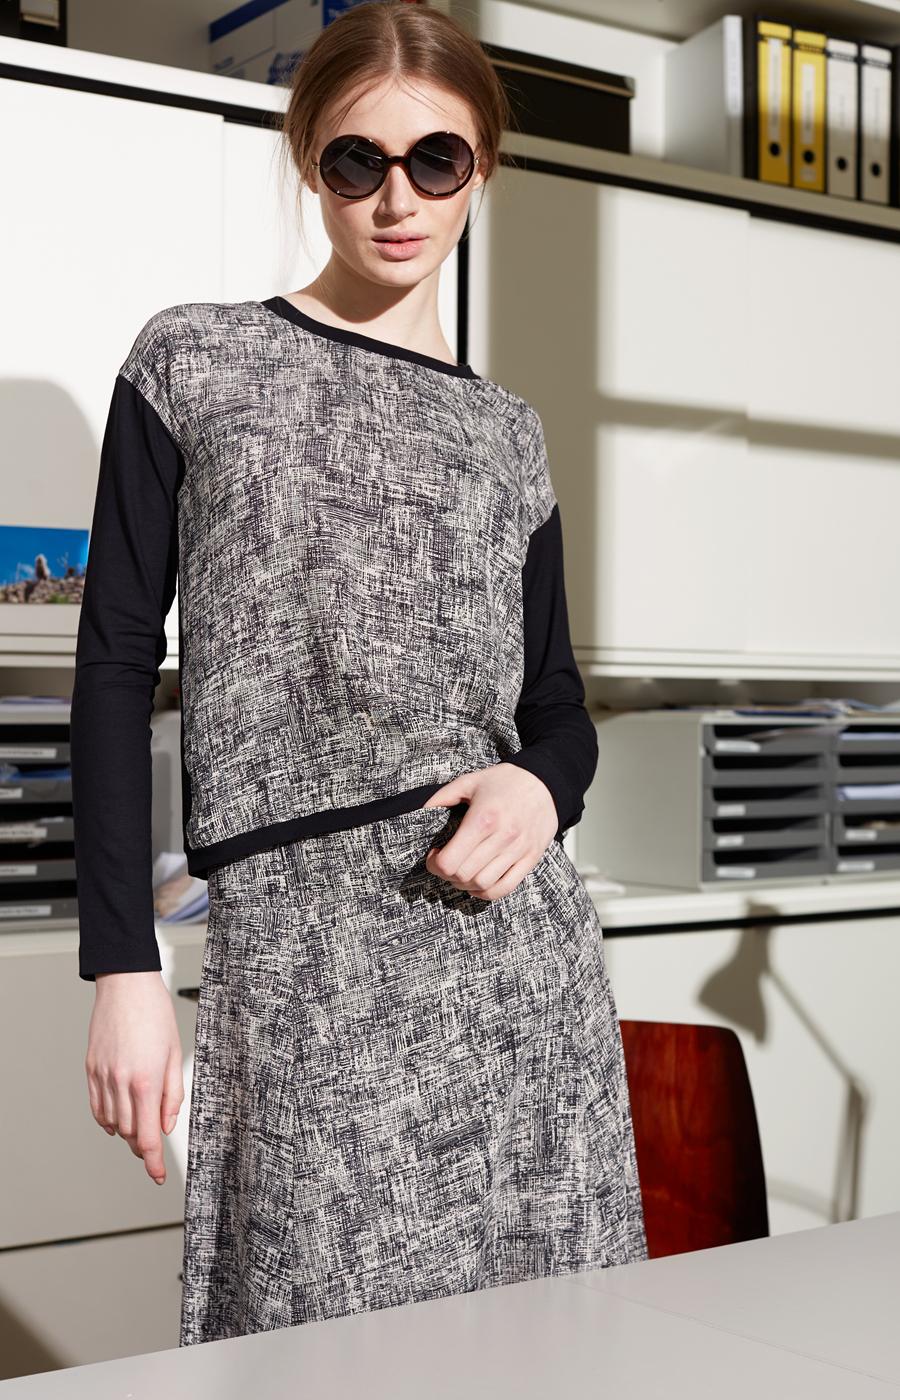 Annette Rufeger Shirt2.jpg